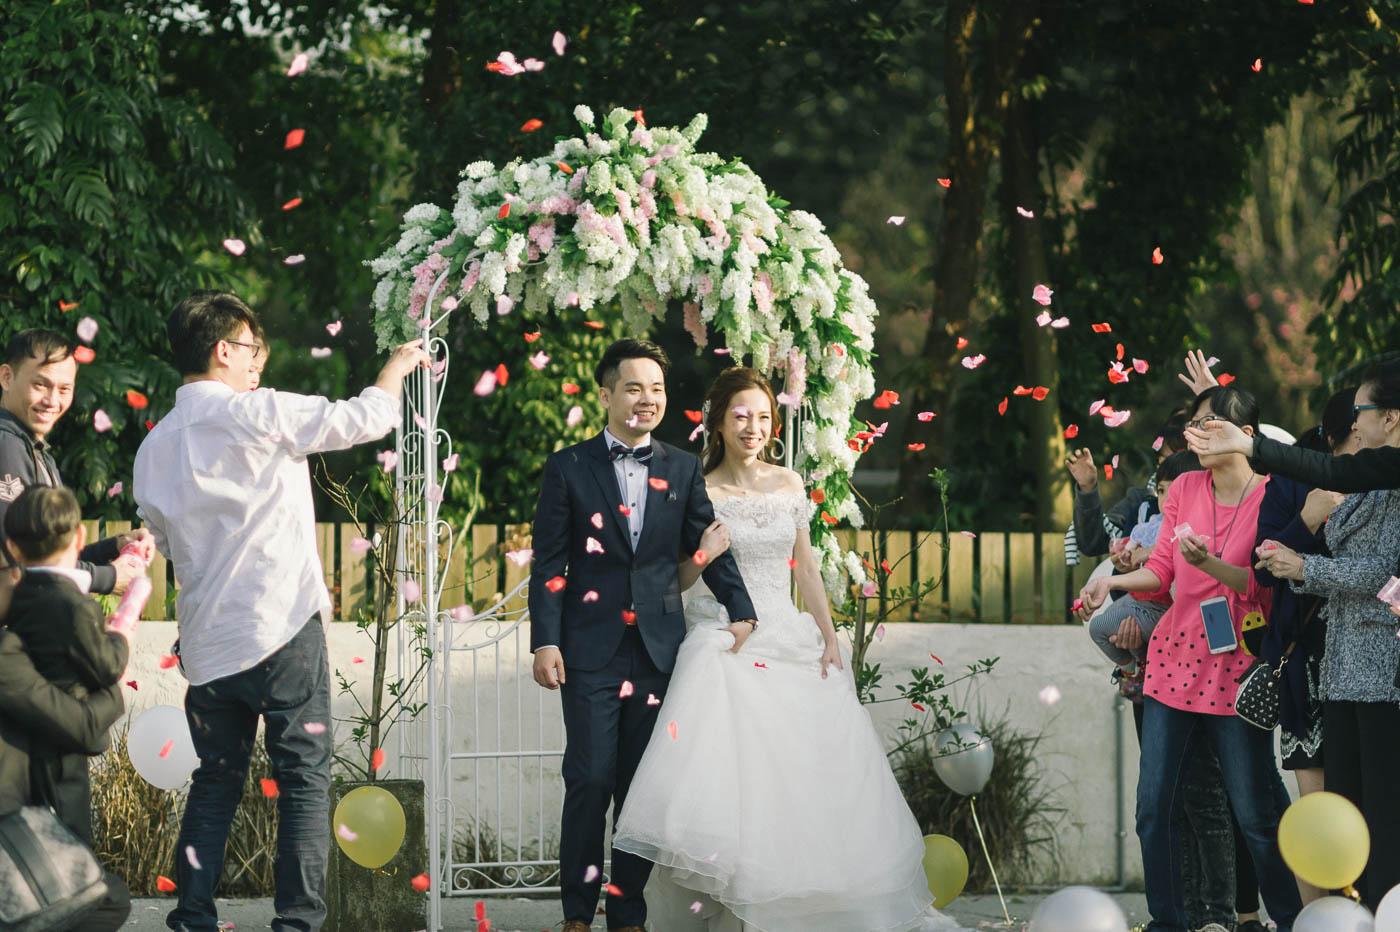 戶外婚禮場地-美軍俱樂部婚禮-stage